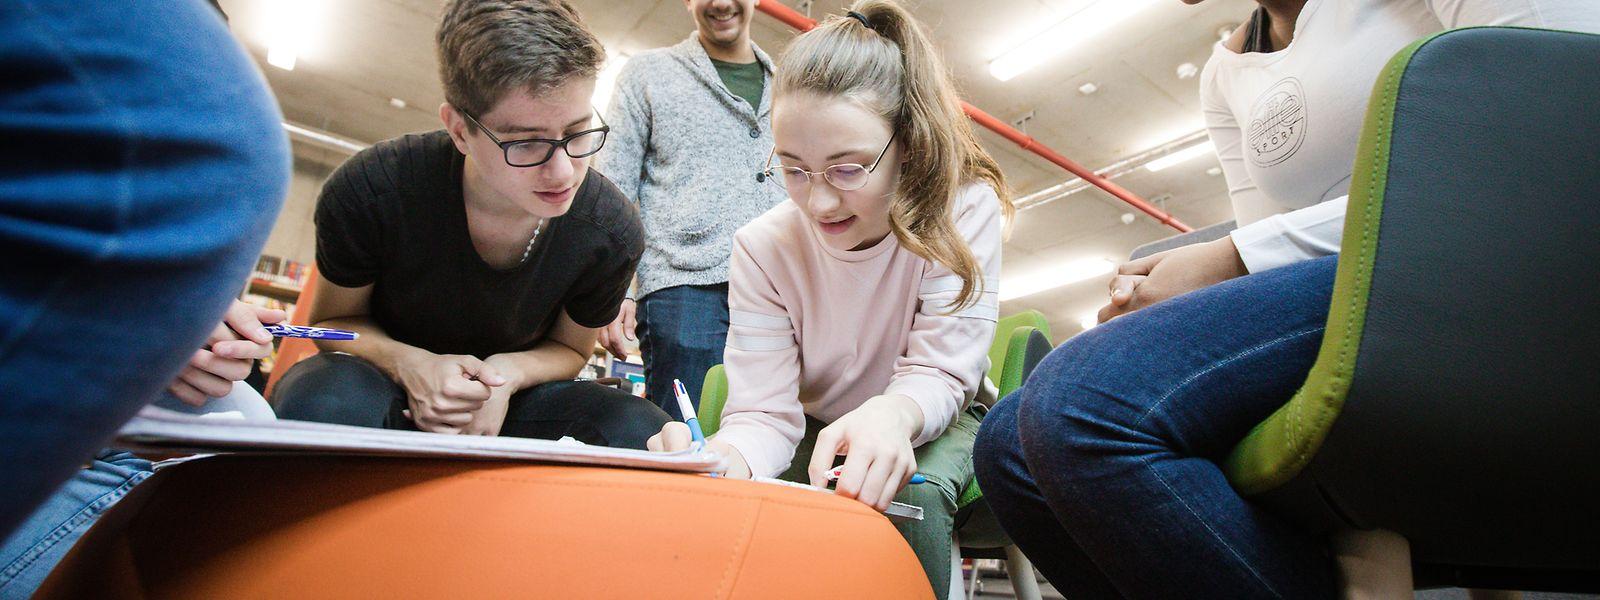 Un travail de groupe autour d'une note, d'une sonorité: les jeunes slameurs, élèves de la classe S3 francophone de l'Ecole internationale de Differdange, ne manquent pas d'imagination.